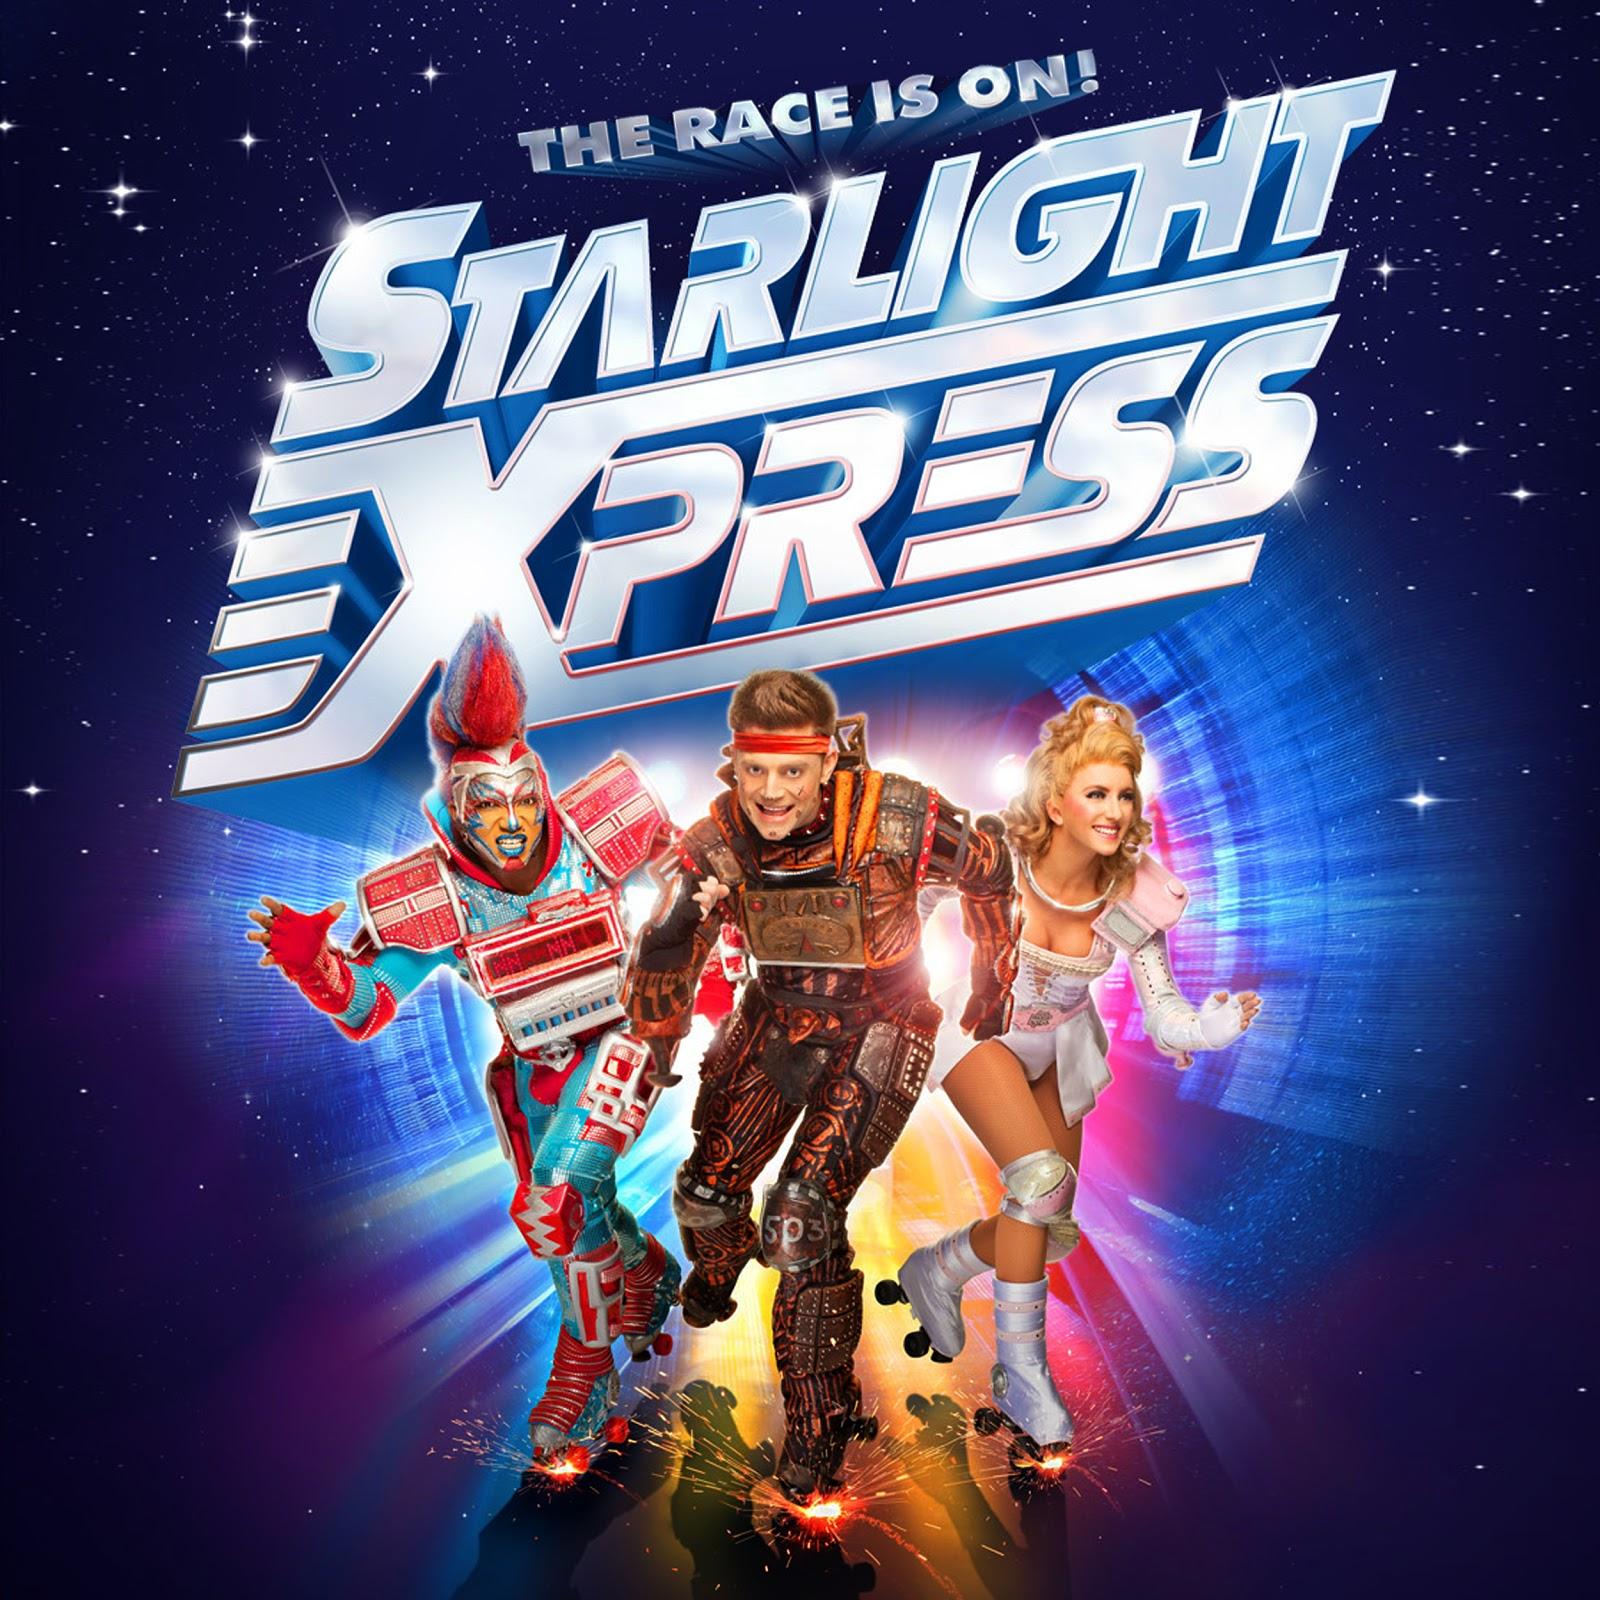 http://2.bp.blogspot.com/-hryigAx9c6w/UQhLn_rQUTI/AAAAAAAABRw/rFfqrQxZpBU/s1600/Starlight+Express+UK+Tour+Poster+Amanda+Coutts.jpg